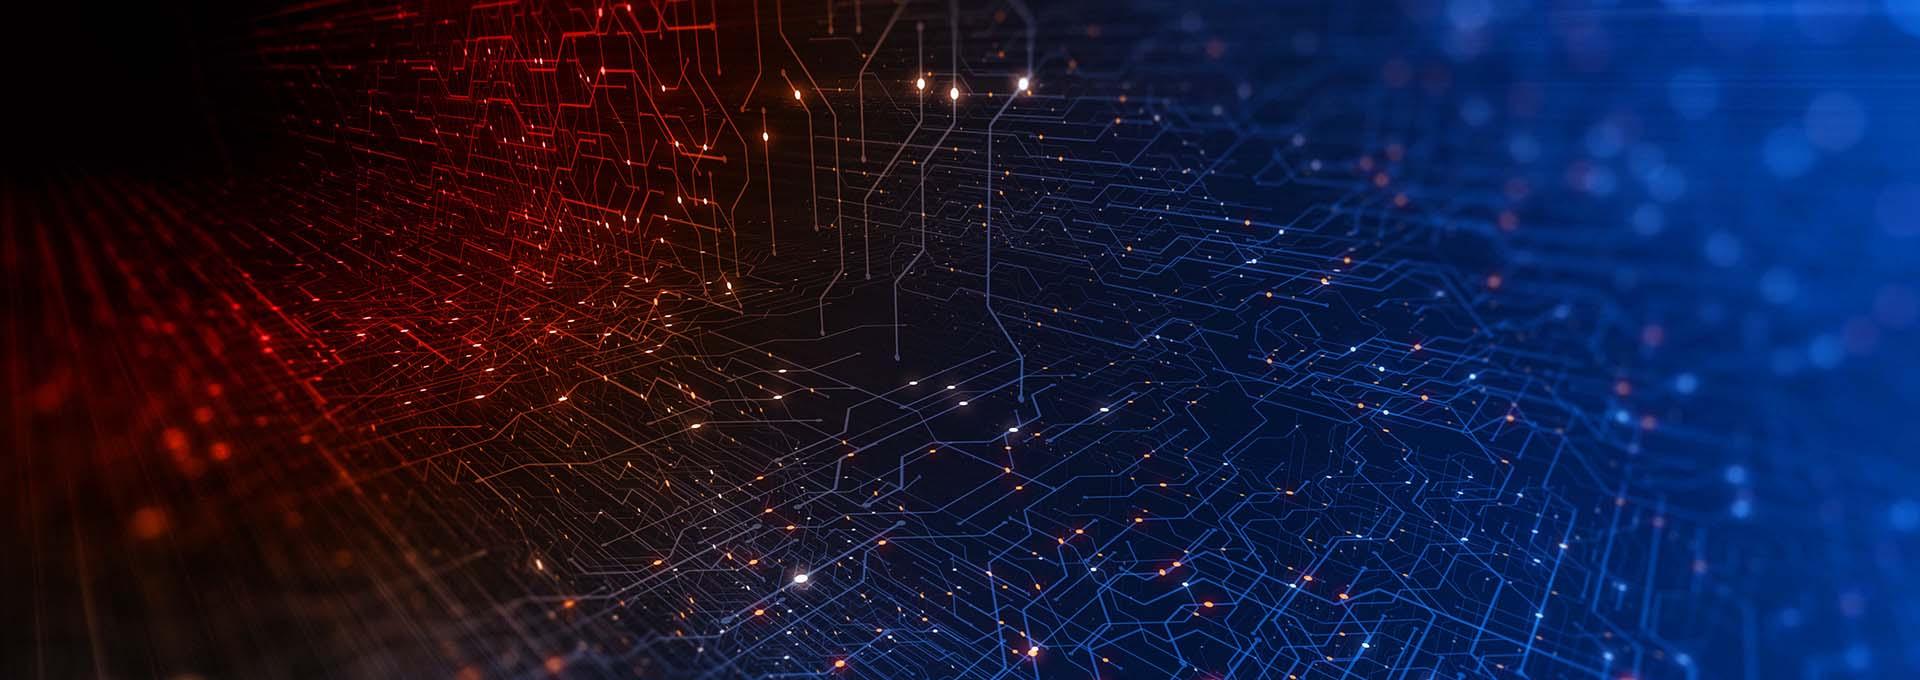 Un réseau de points connectés illuminés en rouge et bleu symbolisant le monde numérique de notre logiciel d'adaptation Oasisnxt.